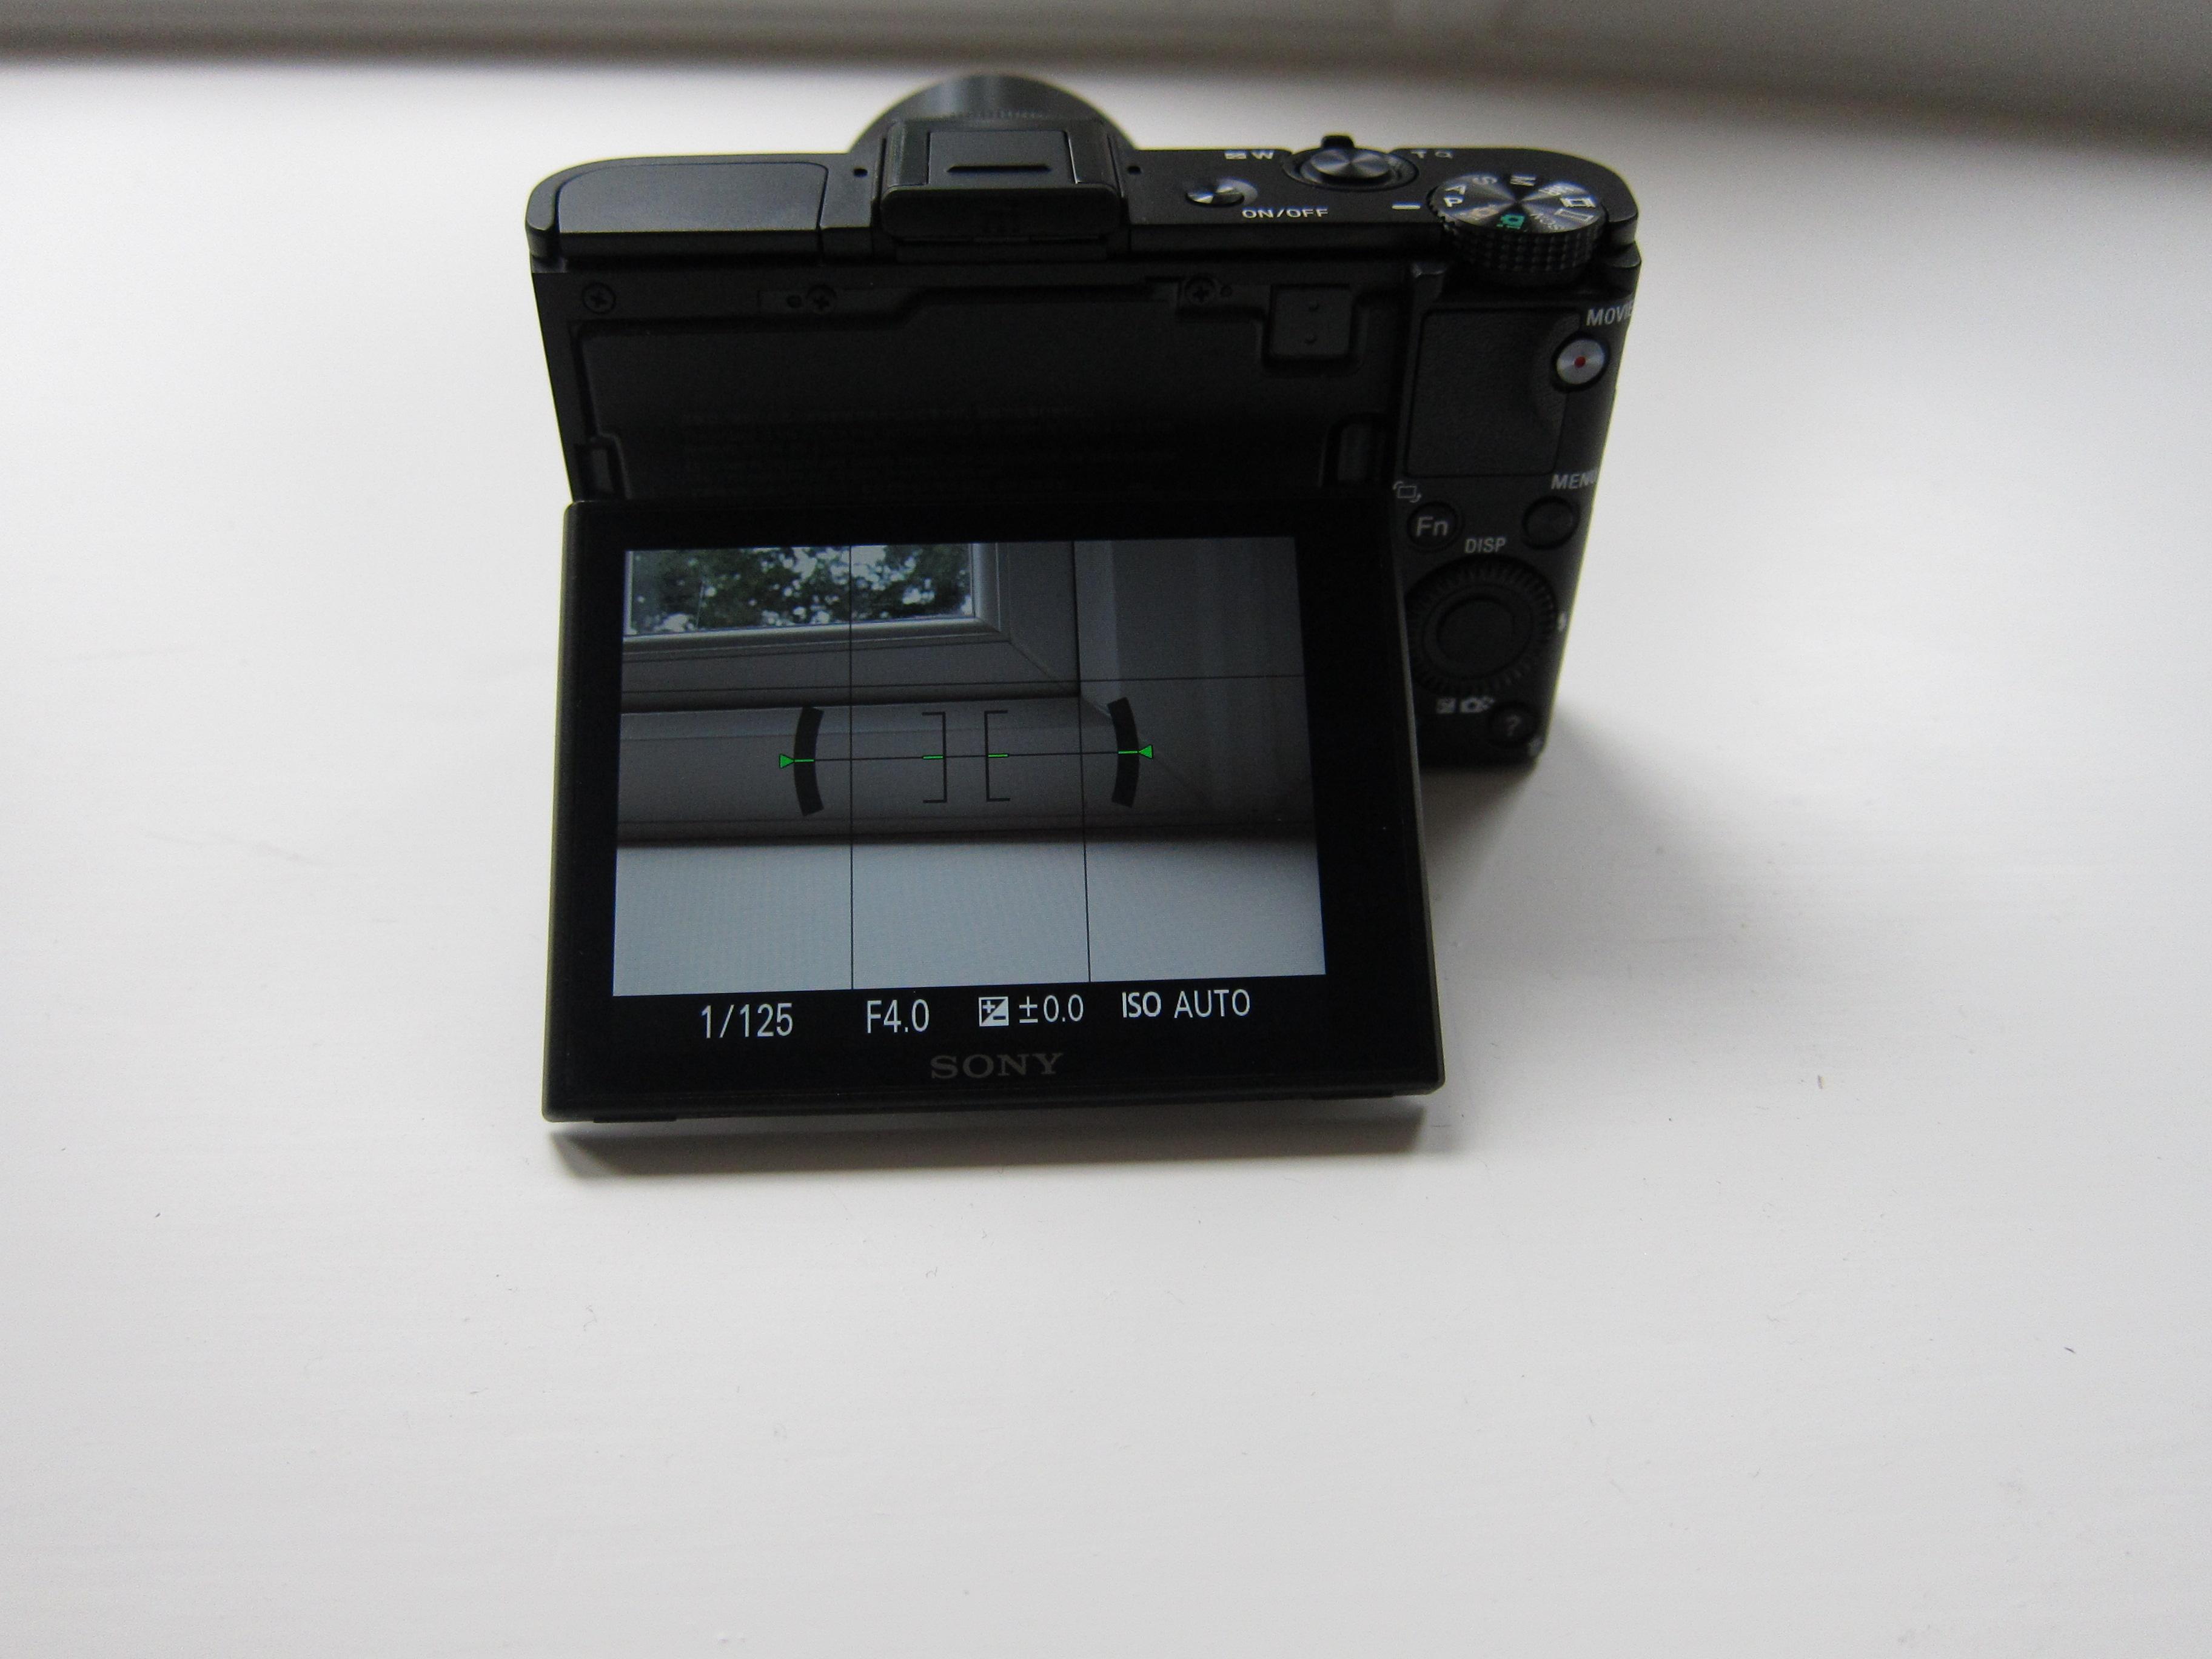 RX100M2 tilt screen